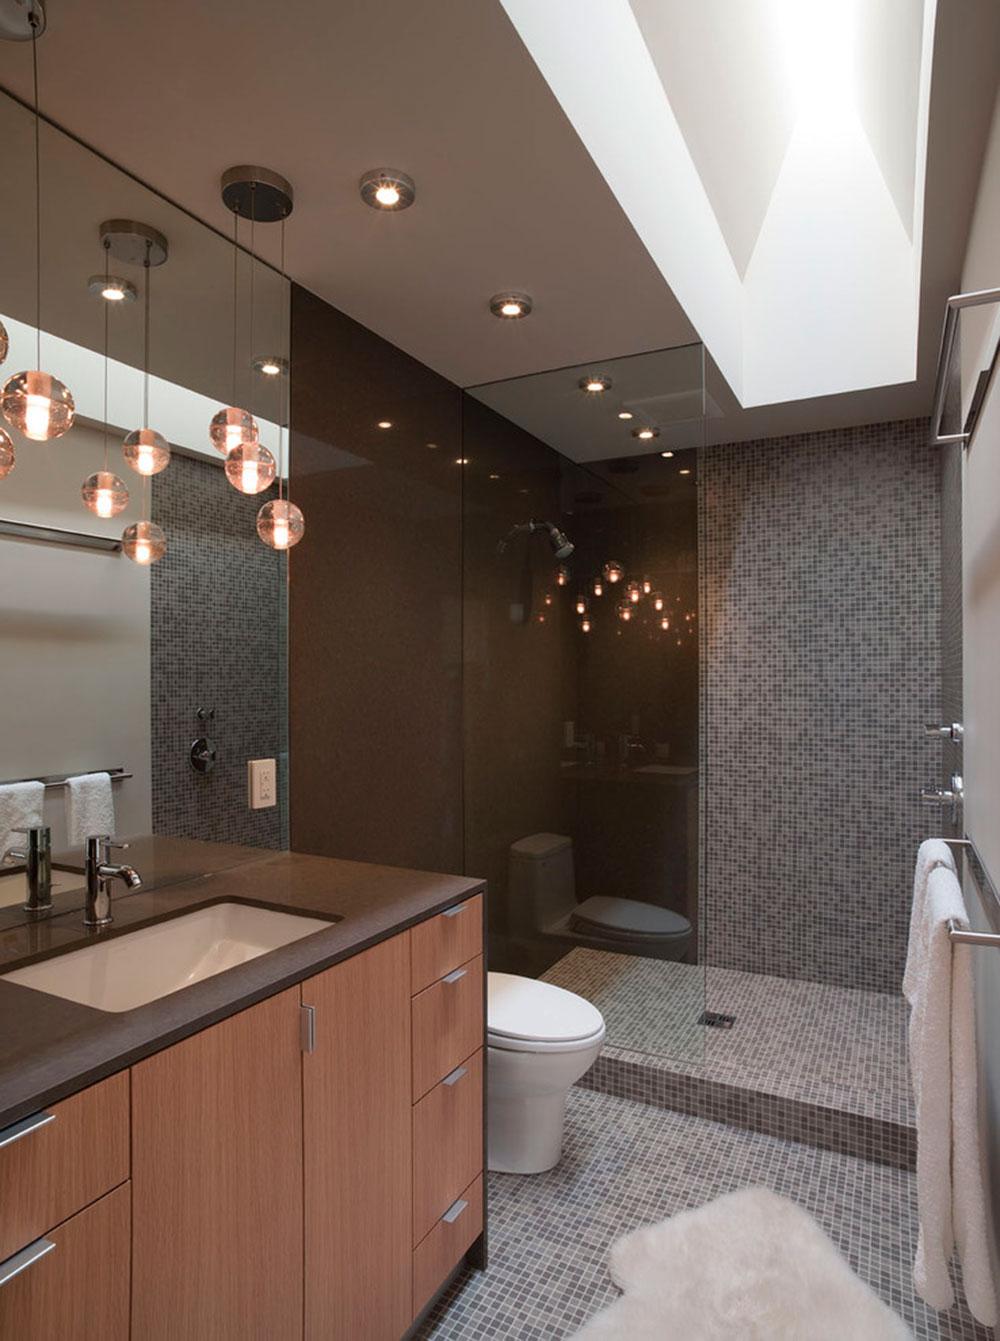 Bilder-och-exempel-av-att-välja-de-bästa-badrum-plattorna-3 foton och exempel på att välja de bästa badrumsplattorna